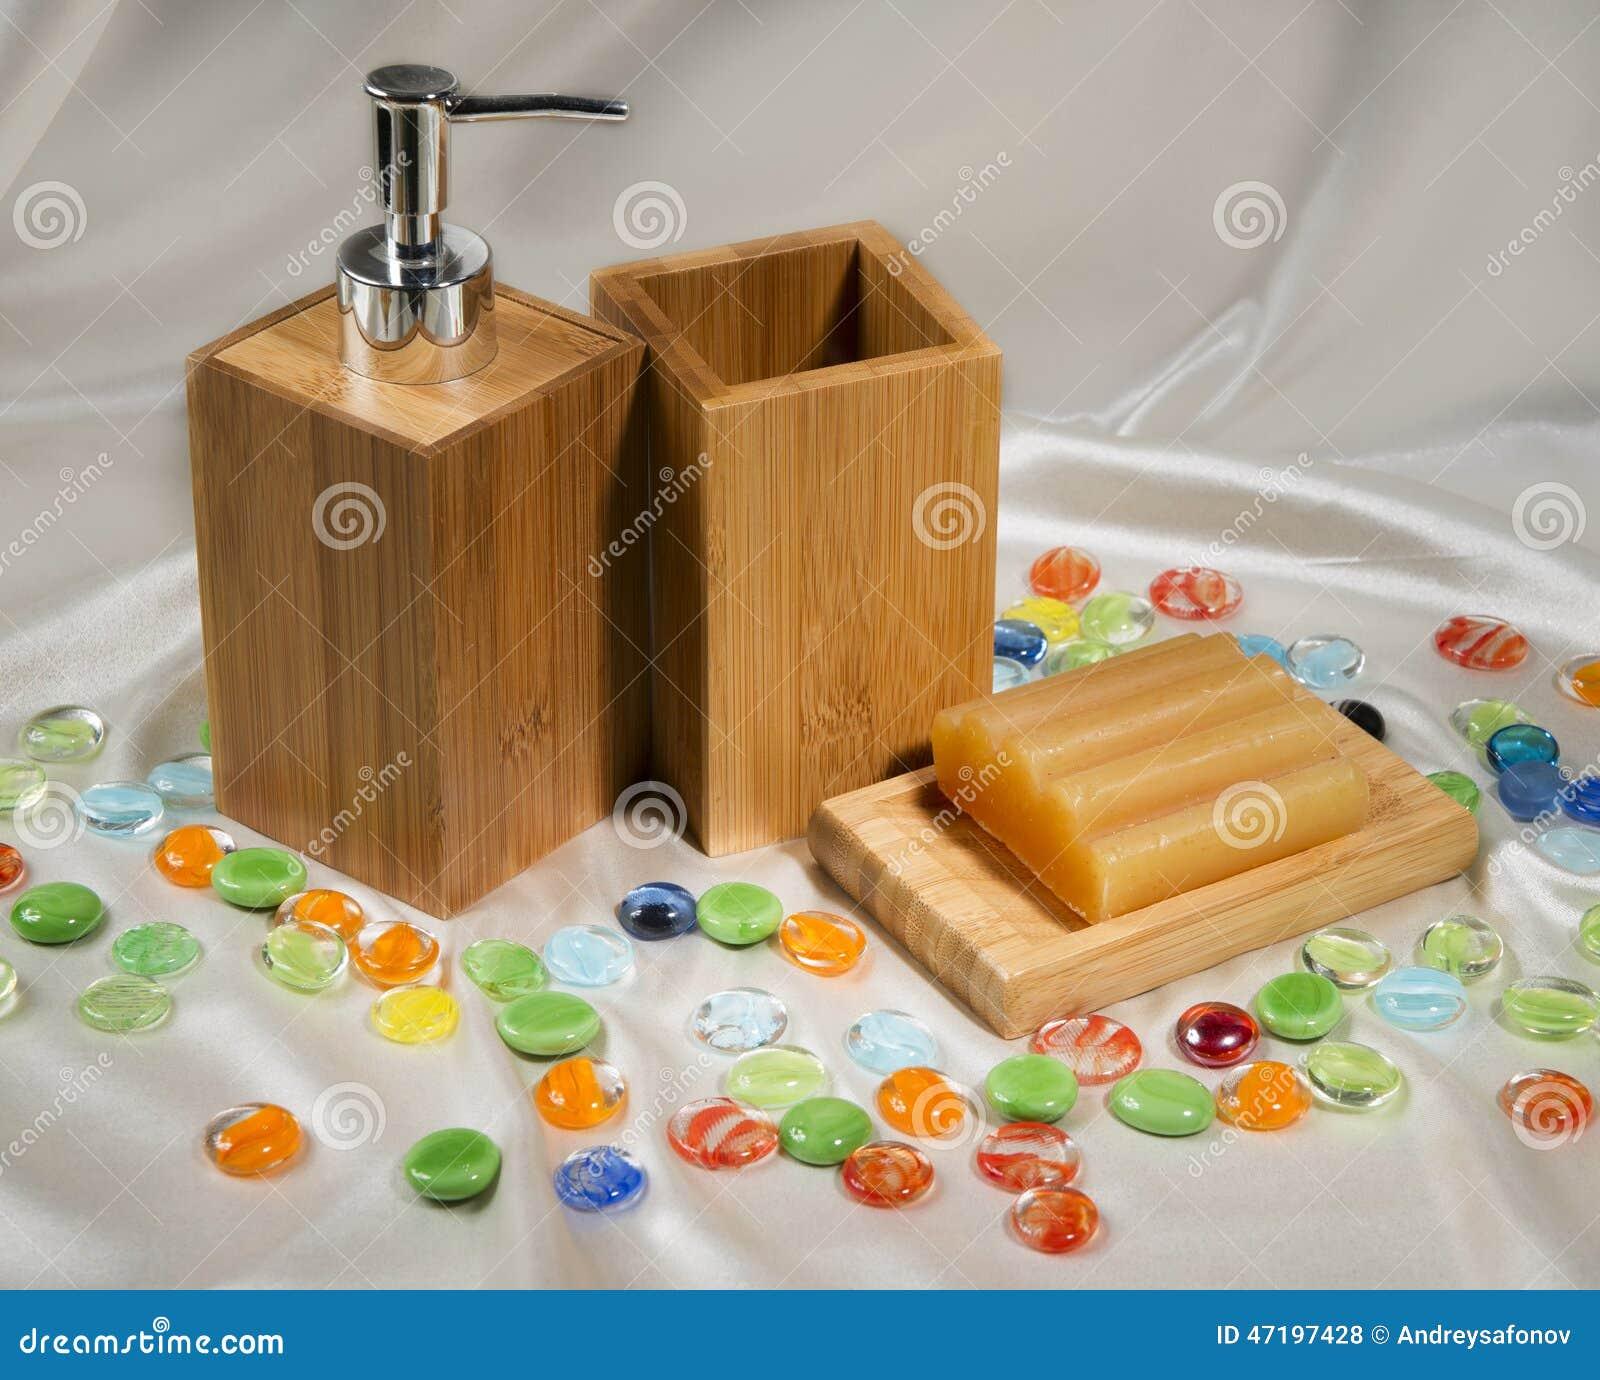 La vie toujours avec les accessoires en bois de salle de bains photo stock image du soin bain - Accessoire salle de bain bois ...